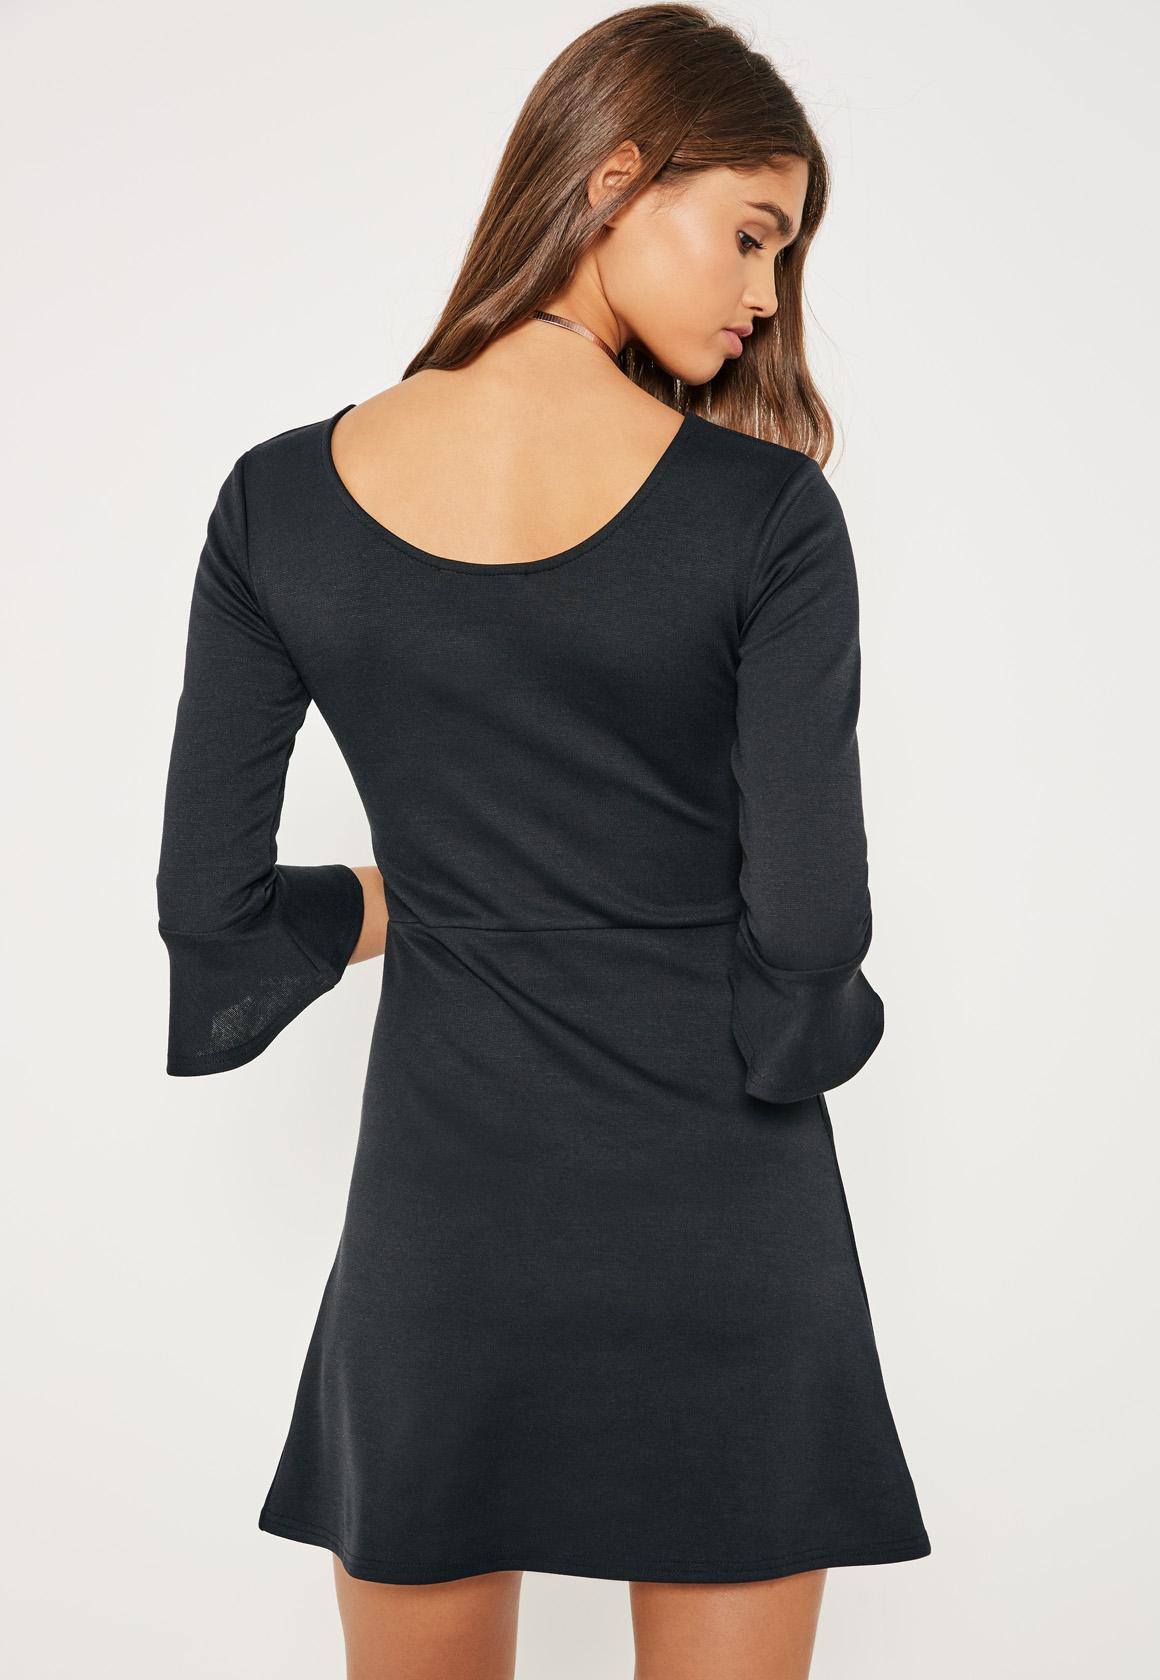 Black Zip Detail Frill Sleeve Skater Dress